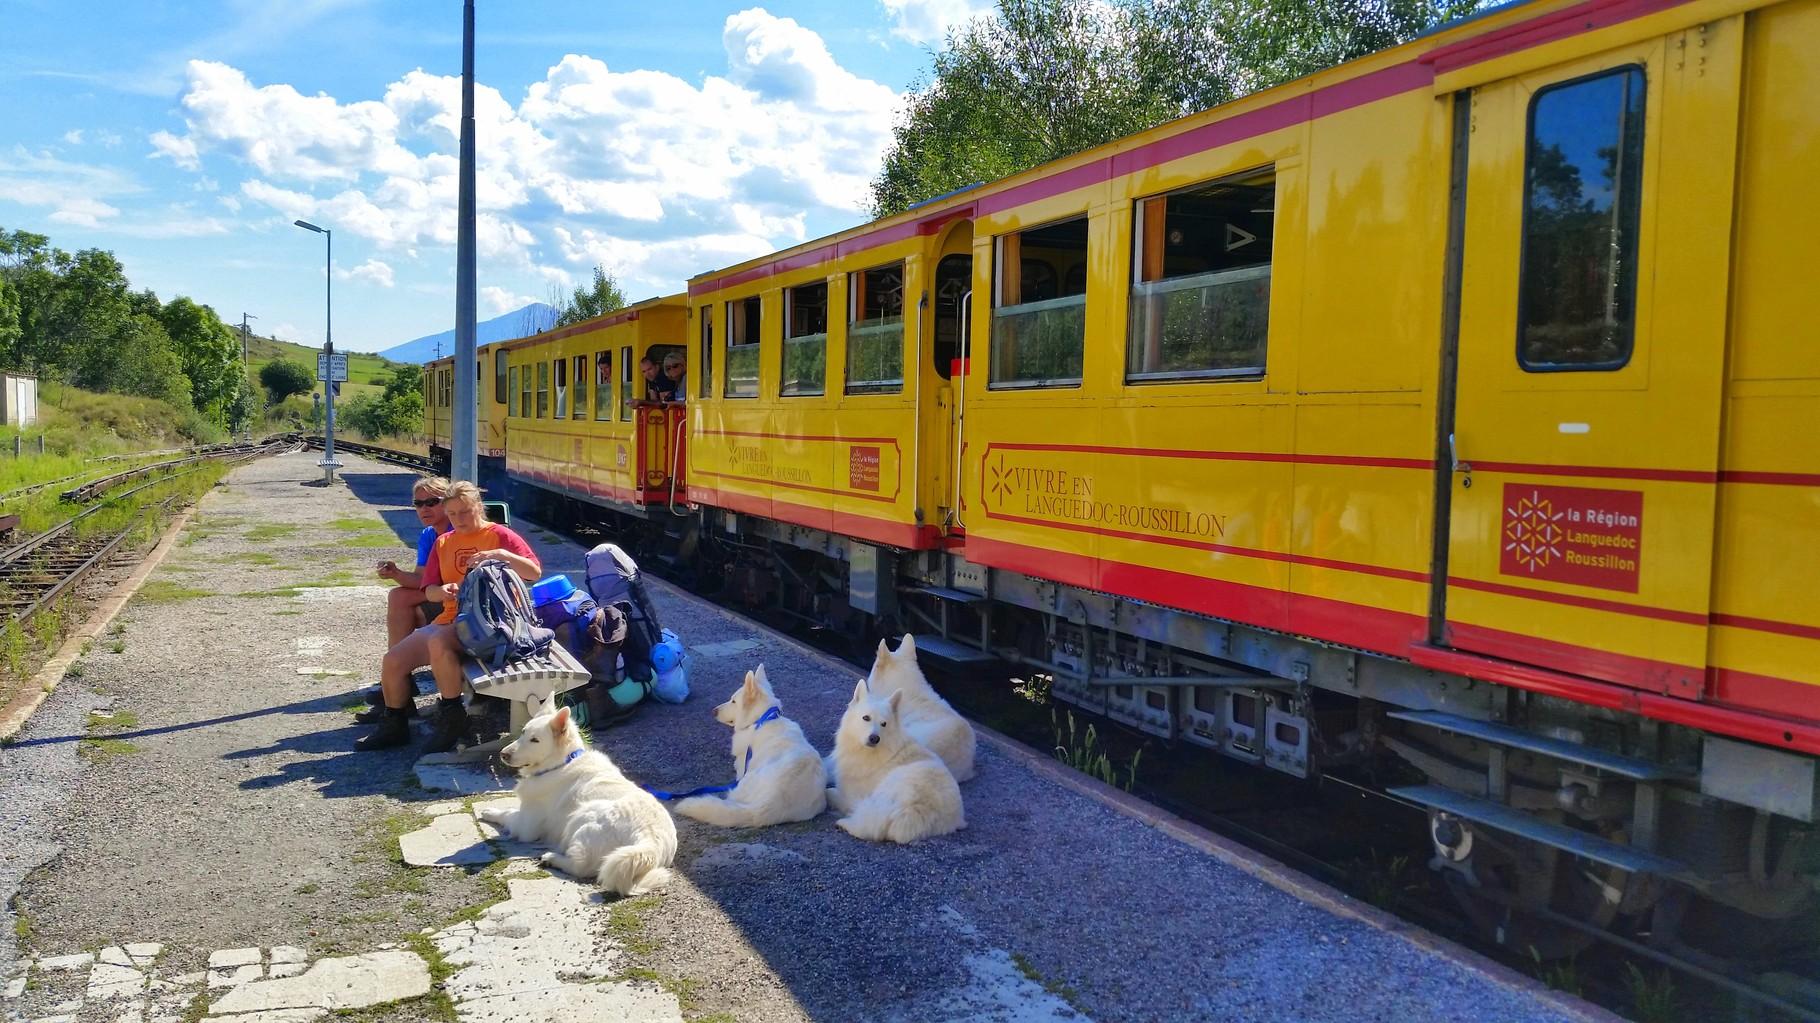 Le petit train jaune au départ de la gare de villefranche (vers mont louis, Font romeu) inoubliable...